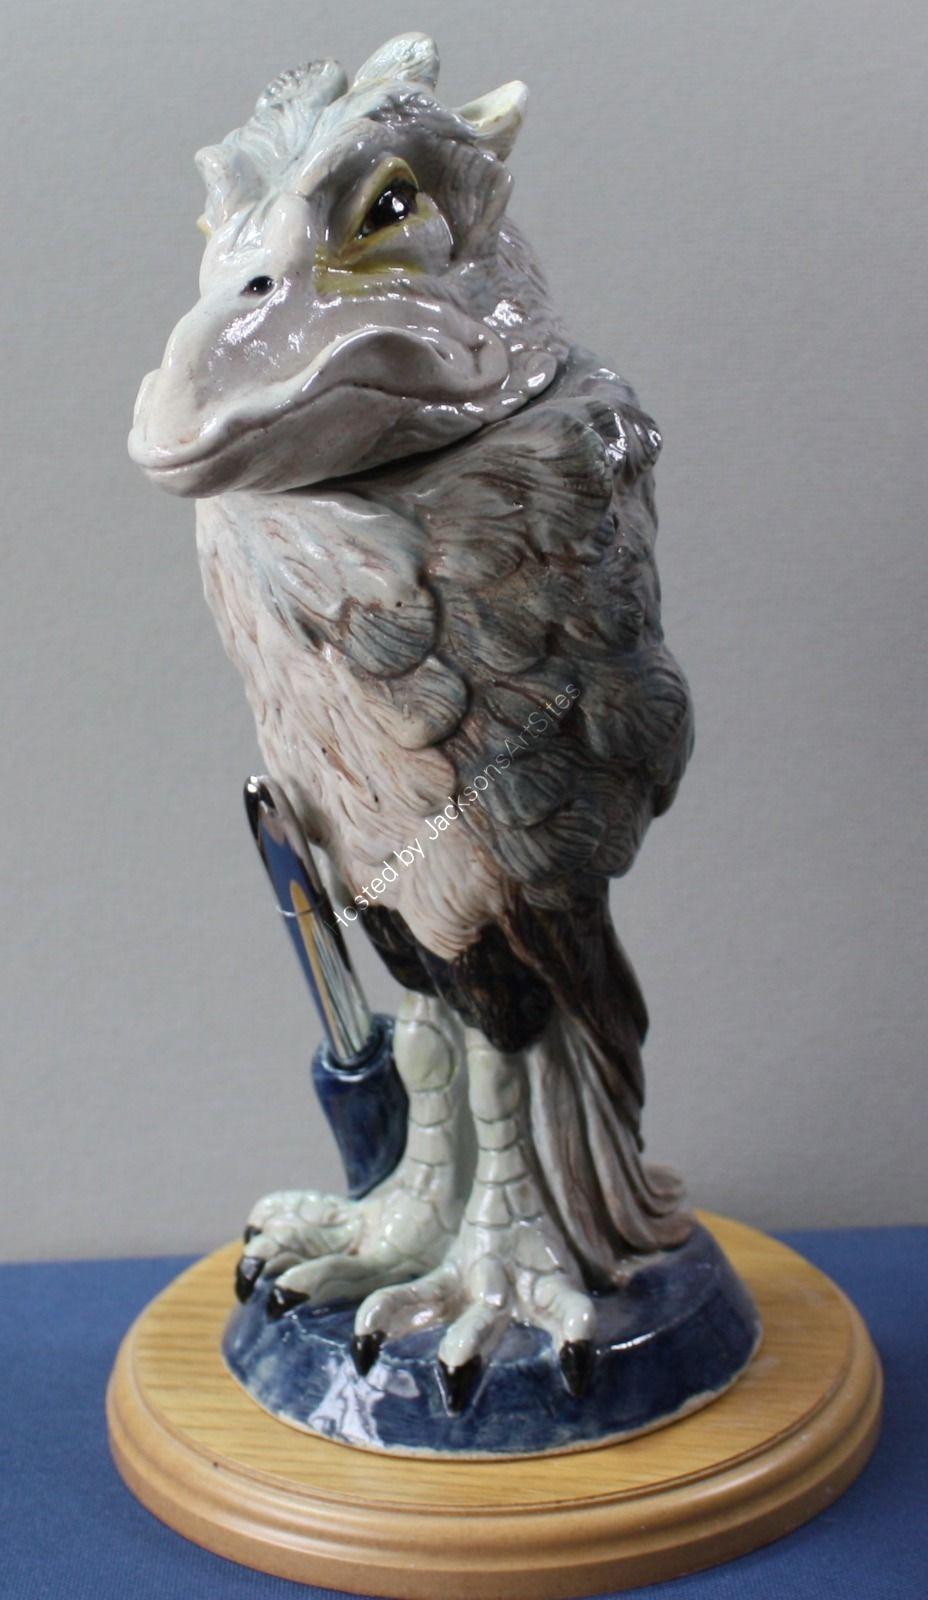 Wims bird - Secretary bird pen holder